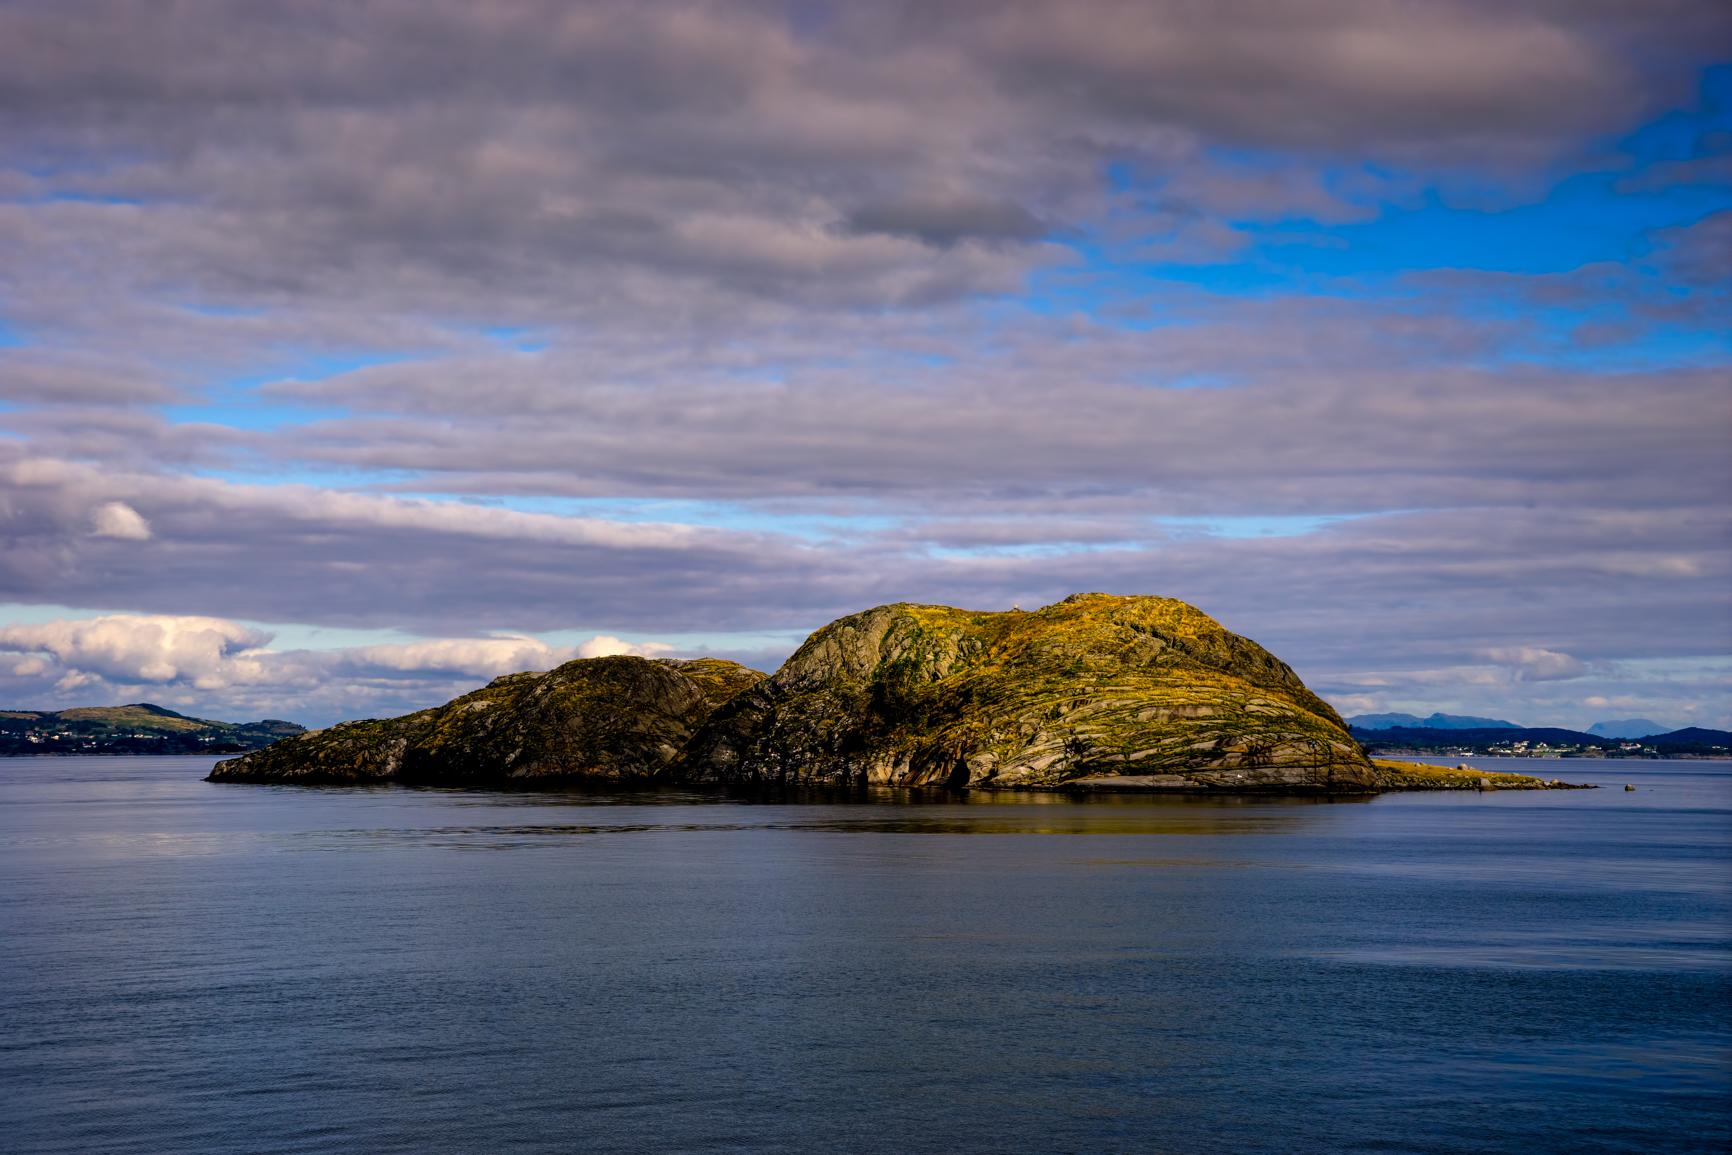 Single exposure, f/9, handheld, ISO 100, 70mm -- Lysefjord, Norway